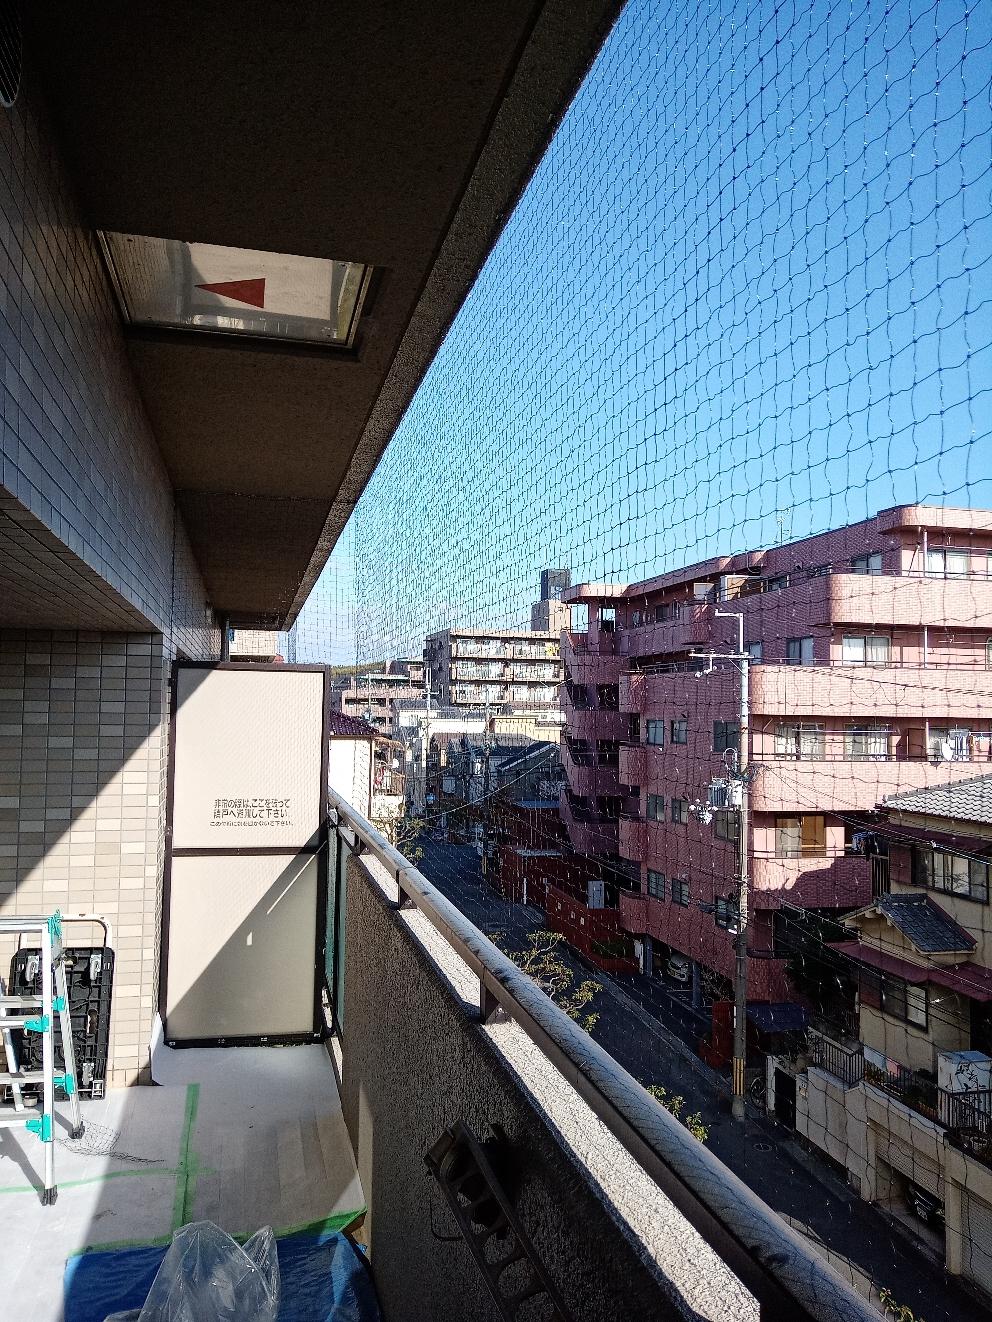 枚方市での鳩よけネット施行